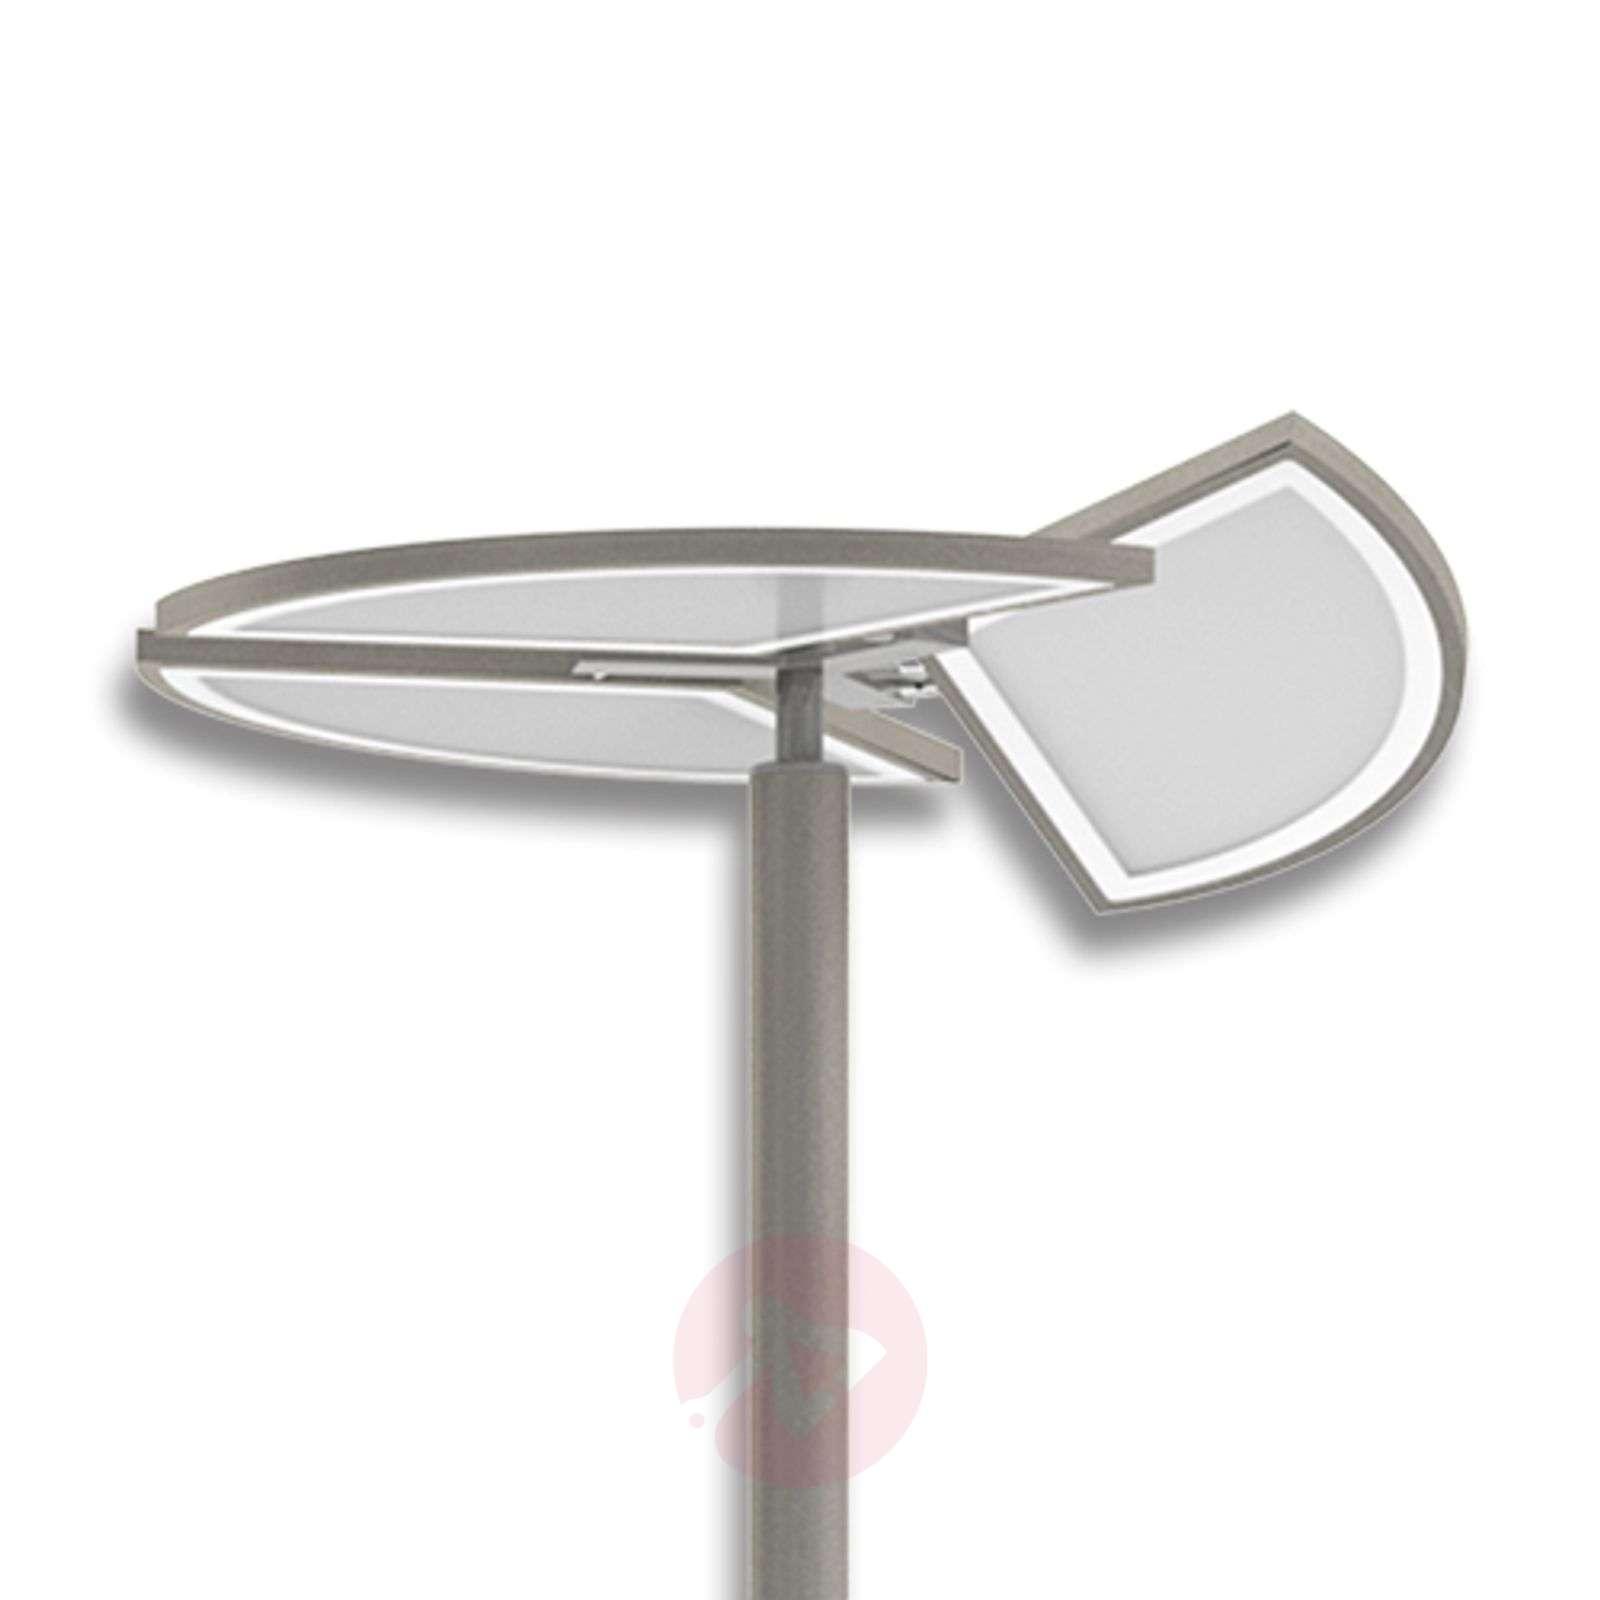 Moderni Movil-LED-lattiavalaisin, Color Control-3025226-01